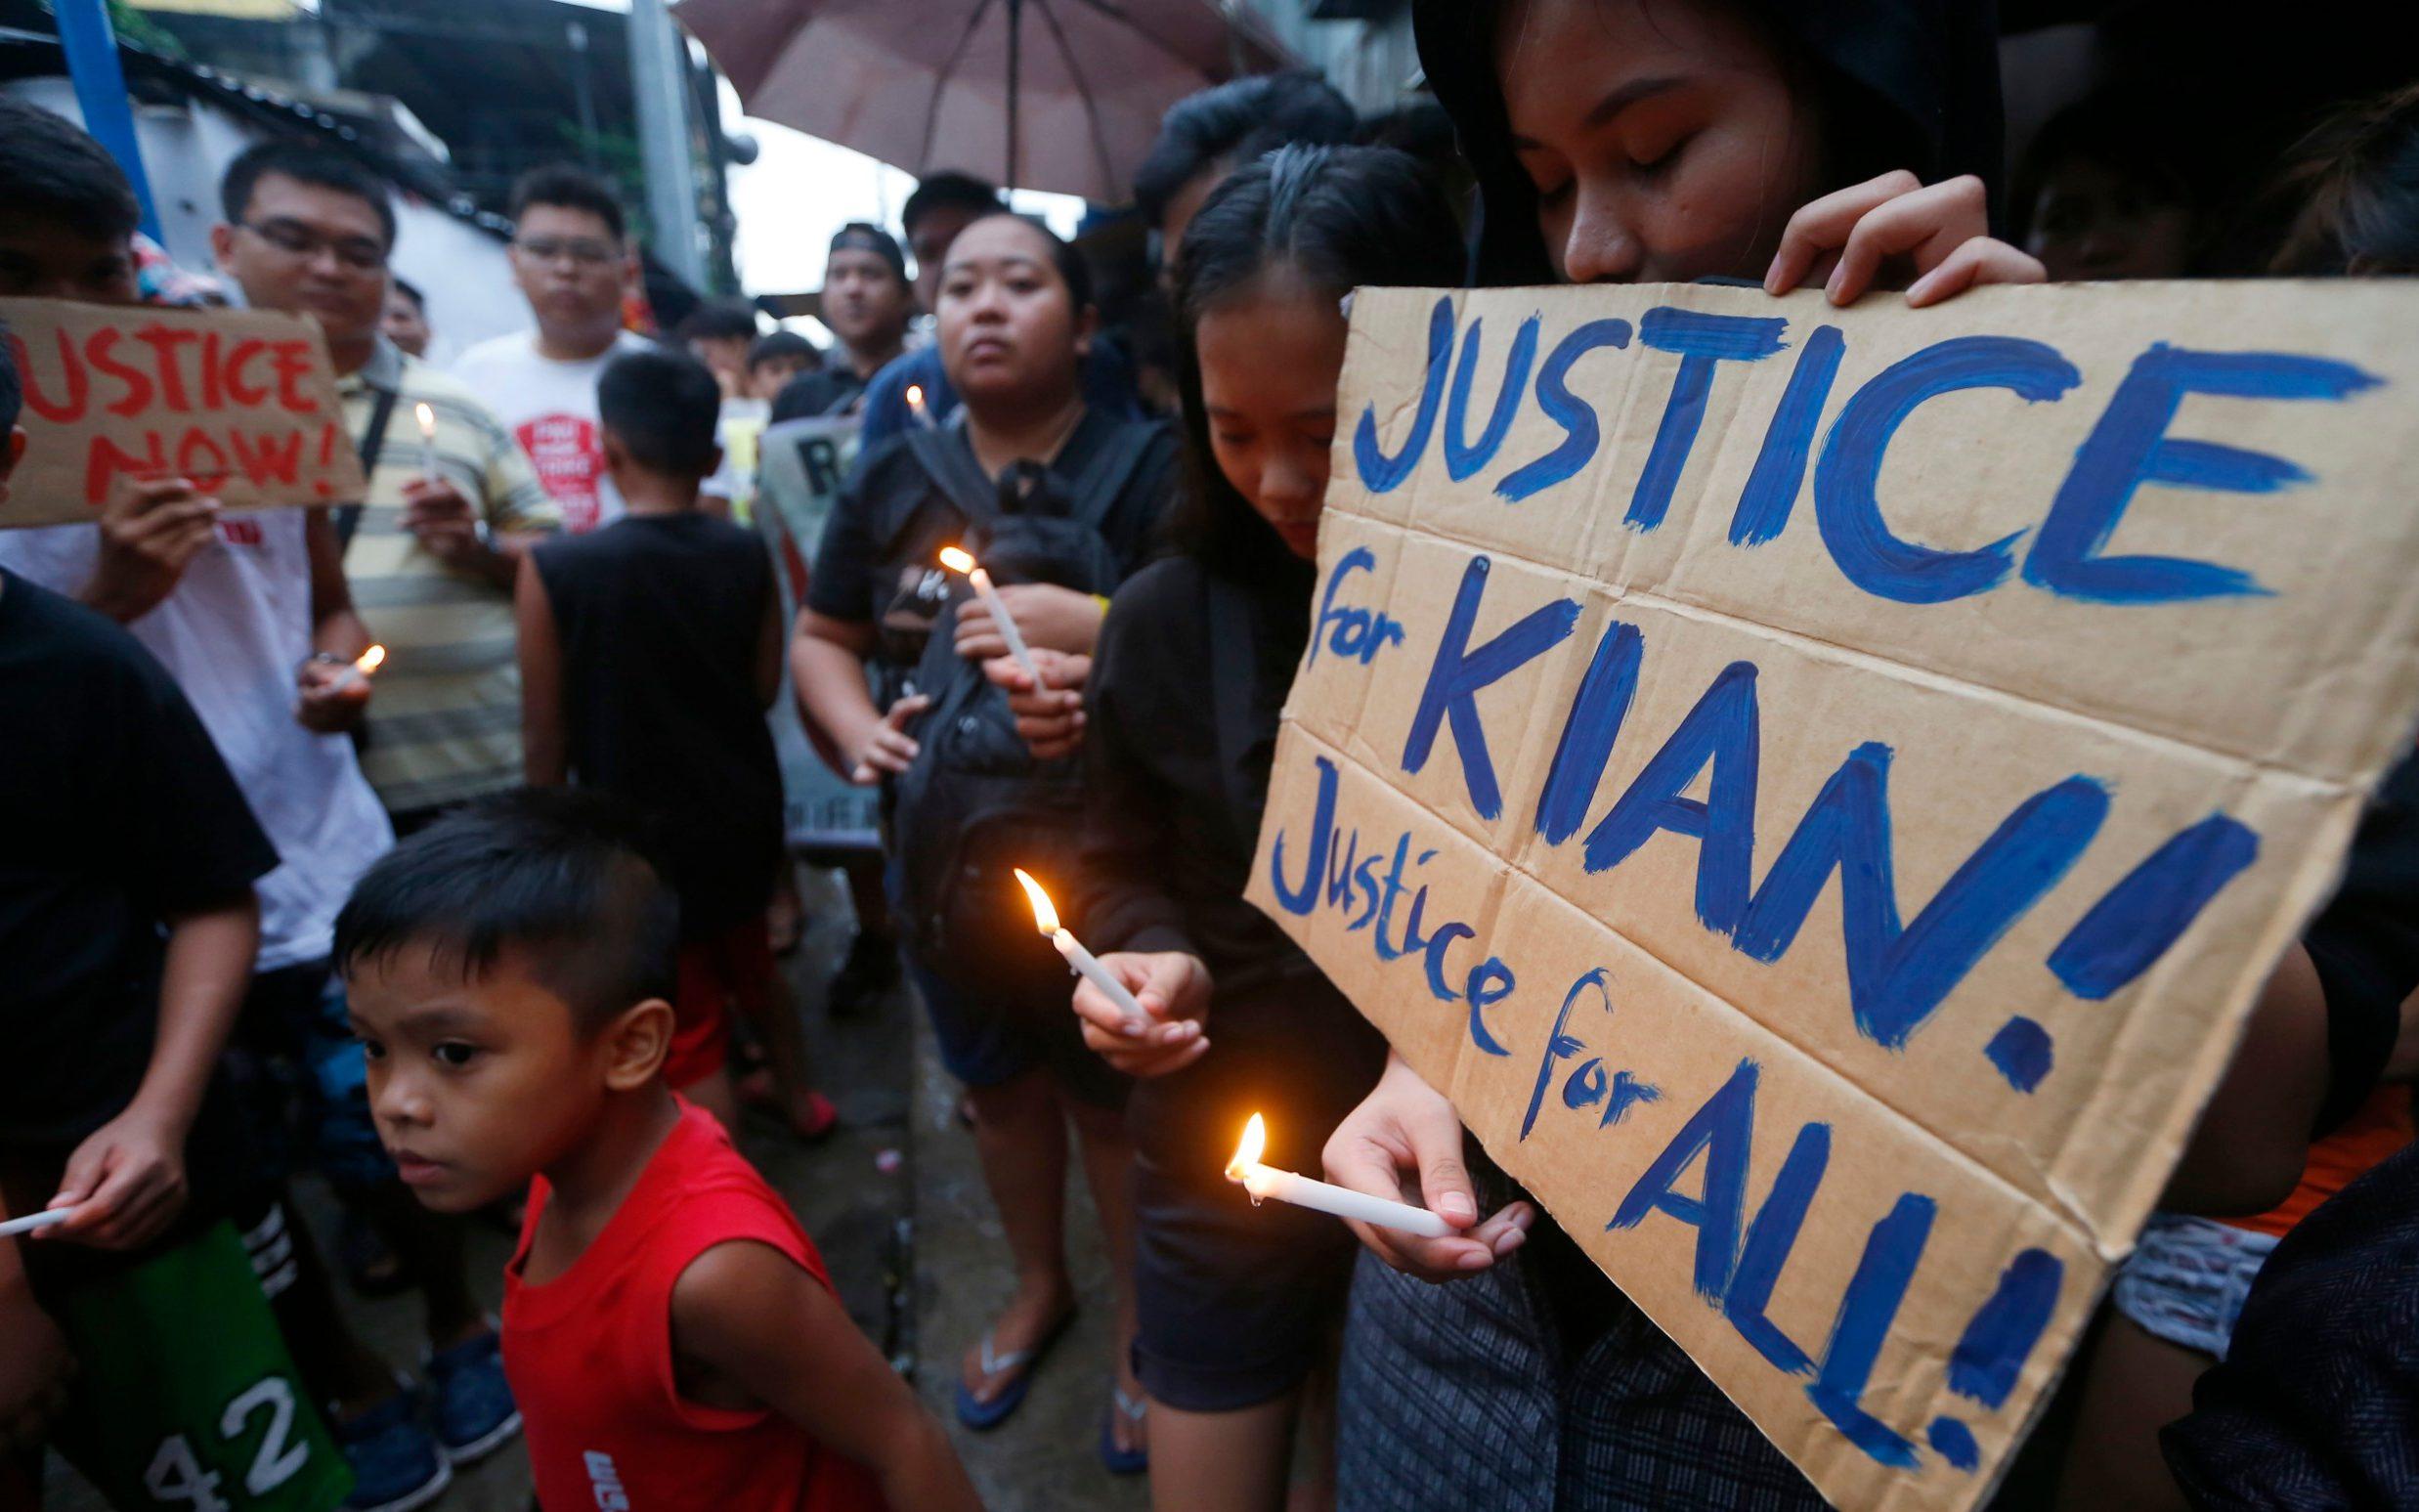 Duterte faces nationwide revolt over drugs war after killing of schoolboy sparks outrage